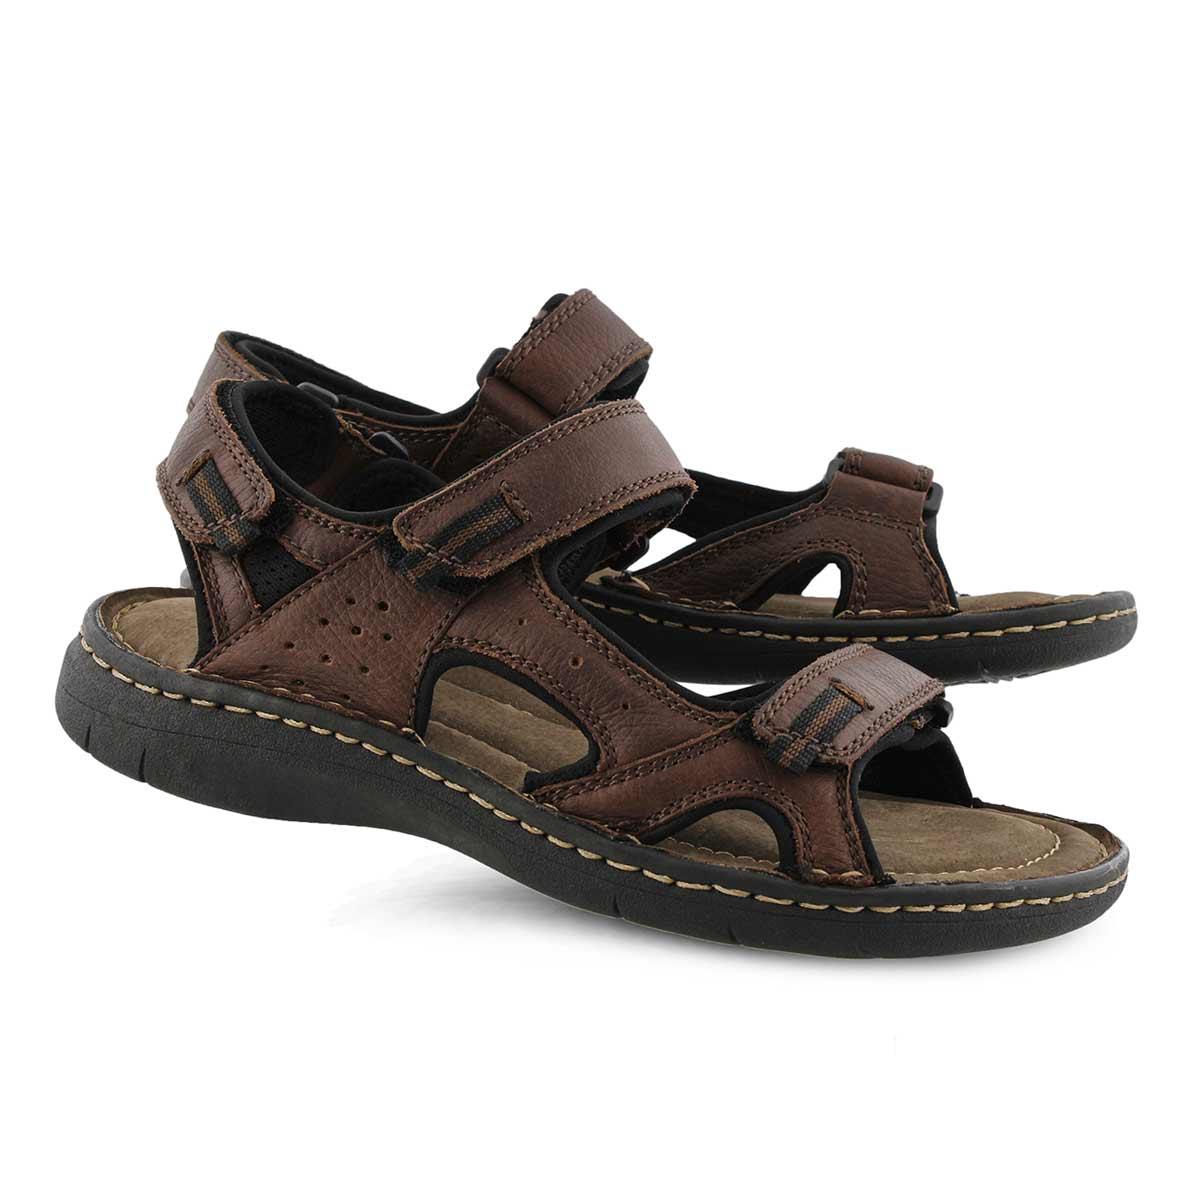 Mns Curtis 5 brown 3 strap sandal